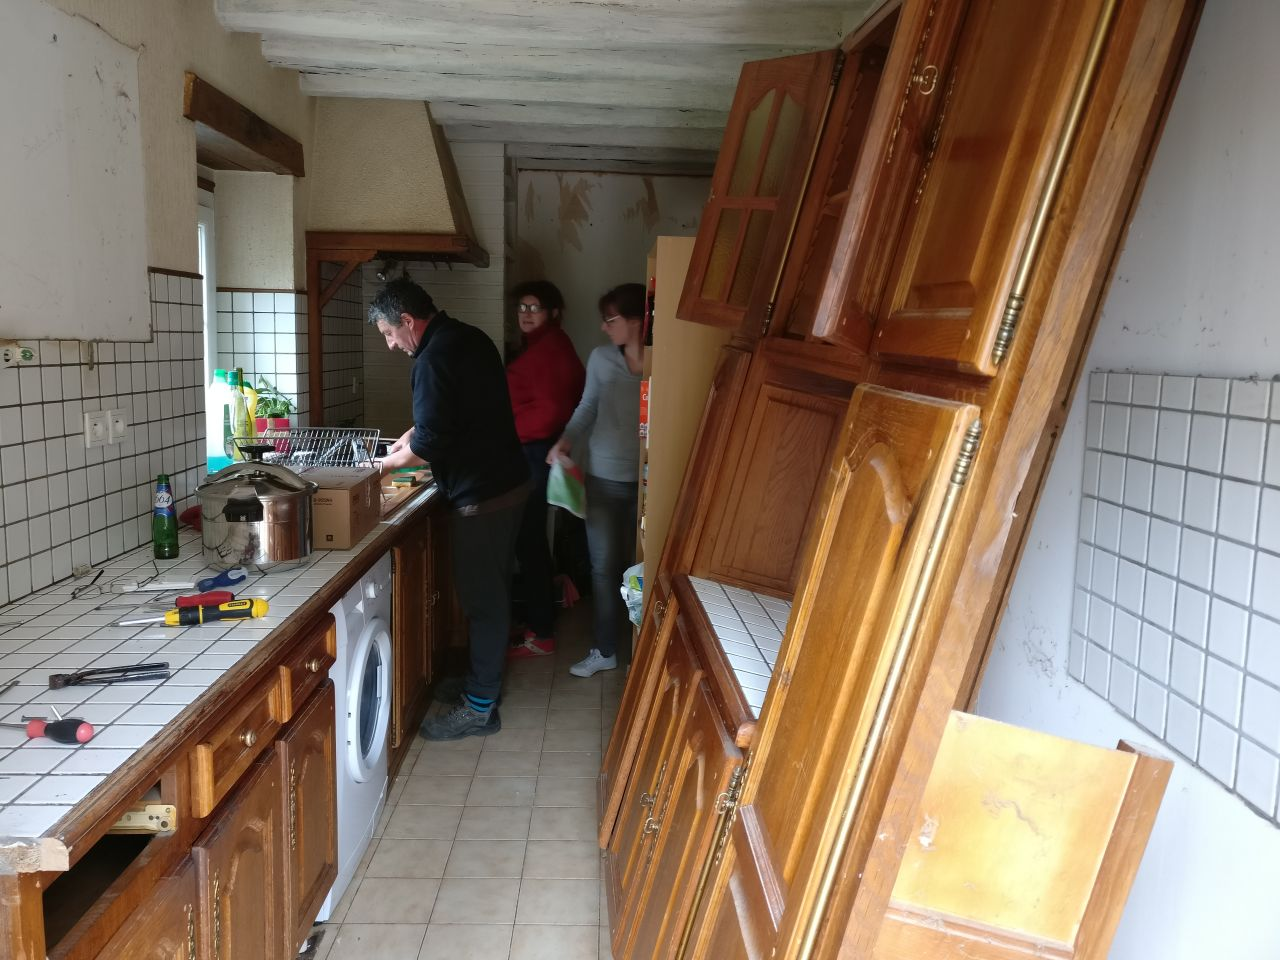 Cuisine avant : on retire les éléments muraux